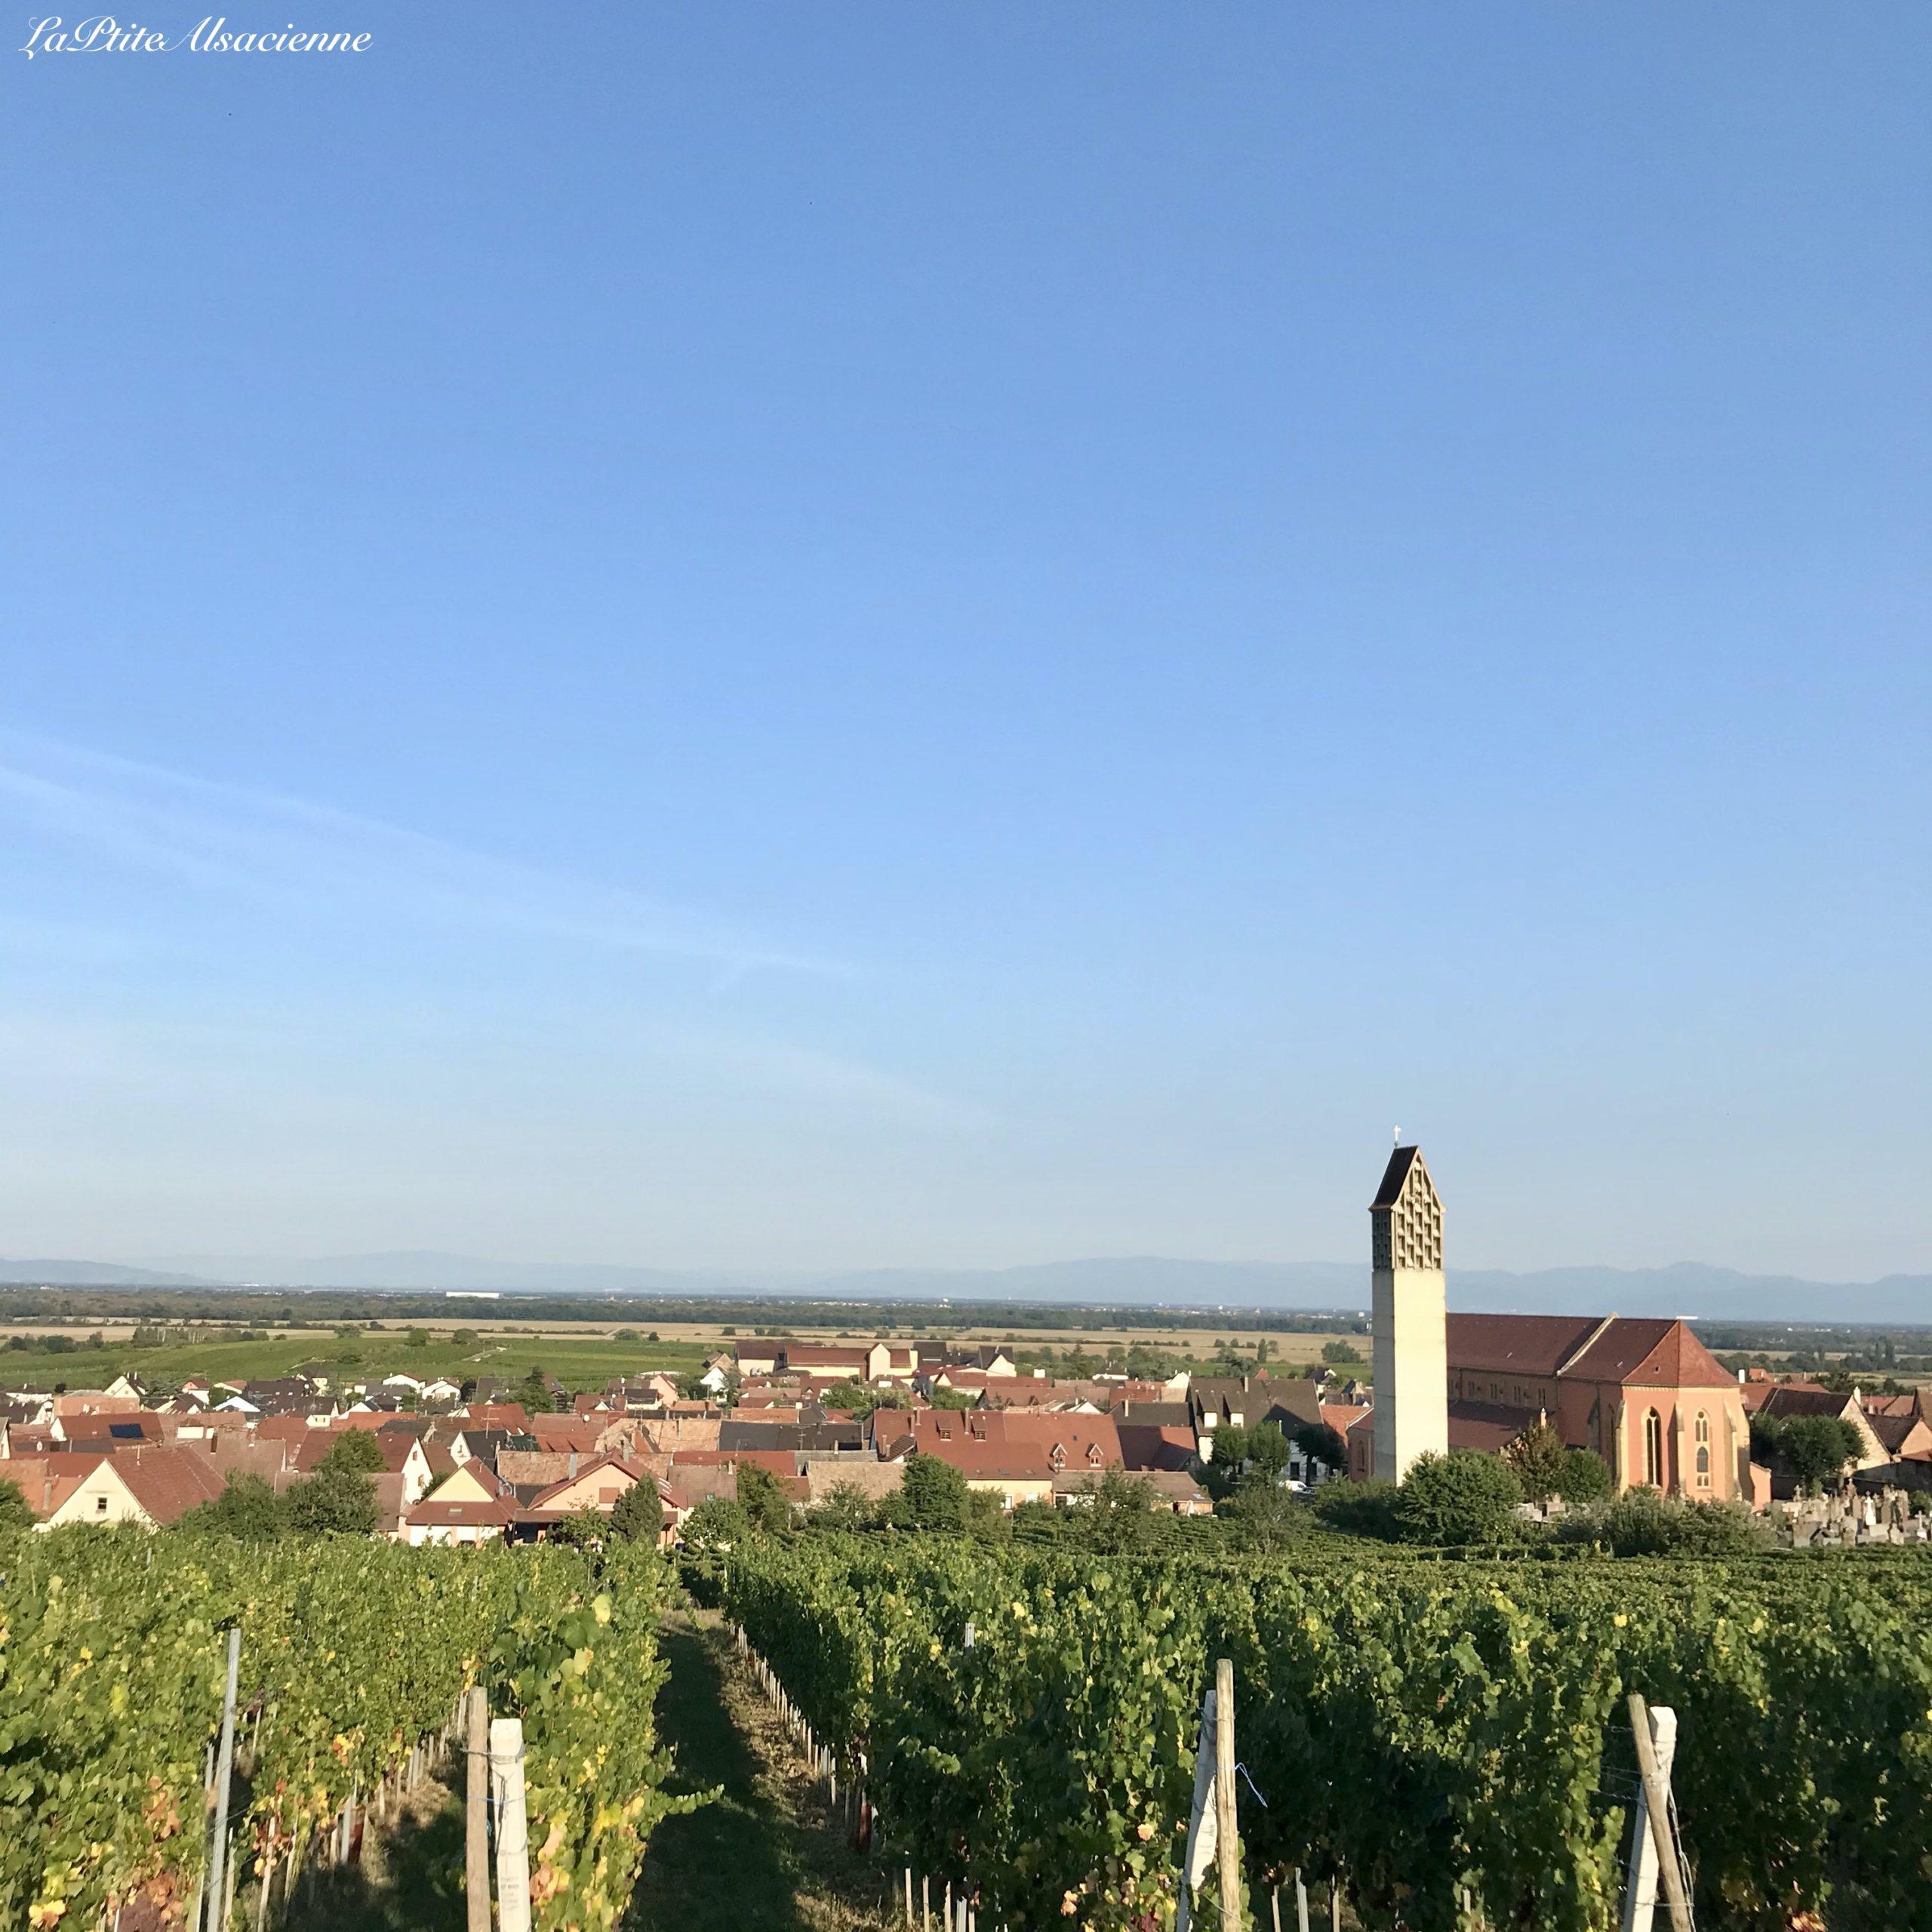 Vue sur Pfaffenheim depuis le vignoble - Photo par Cendrine Miesch 2020